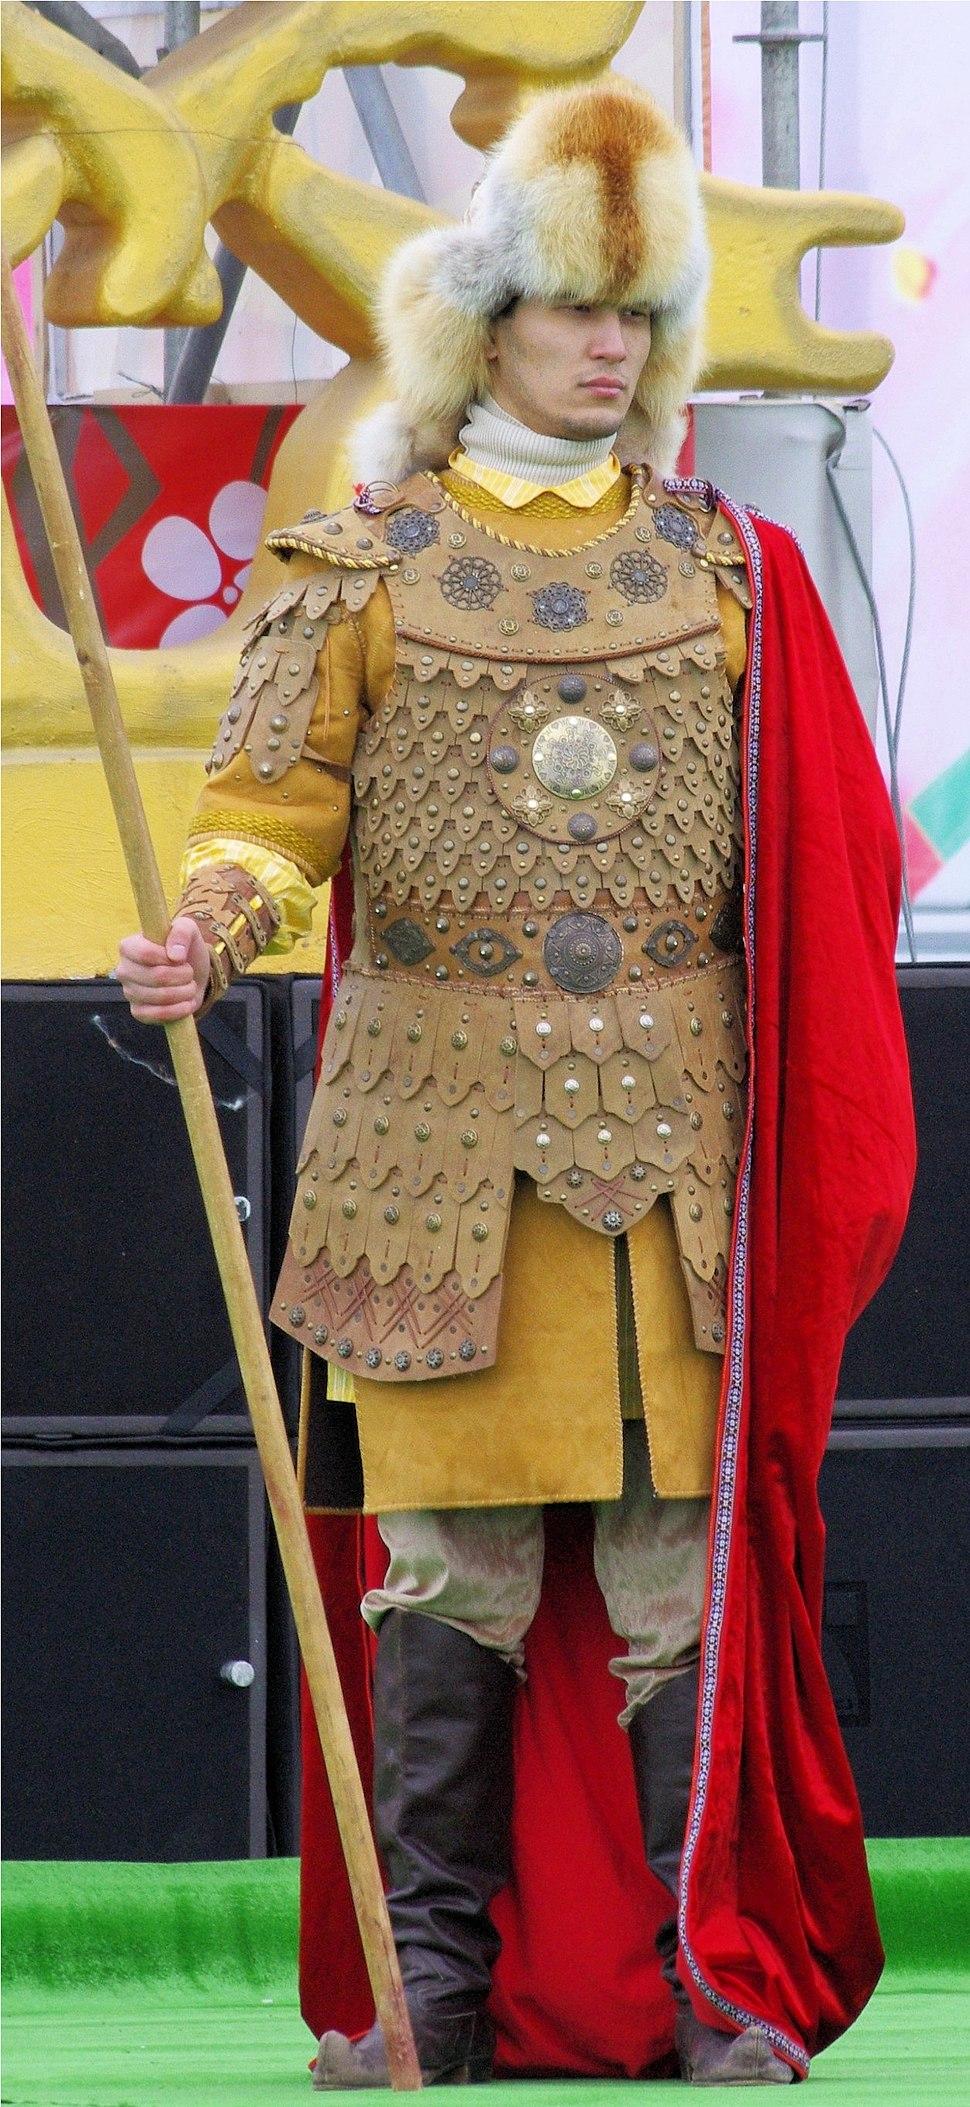 Kazakh guard 2